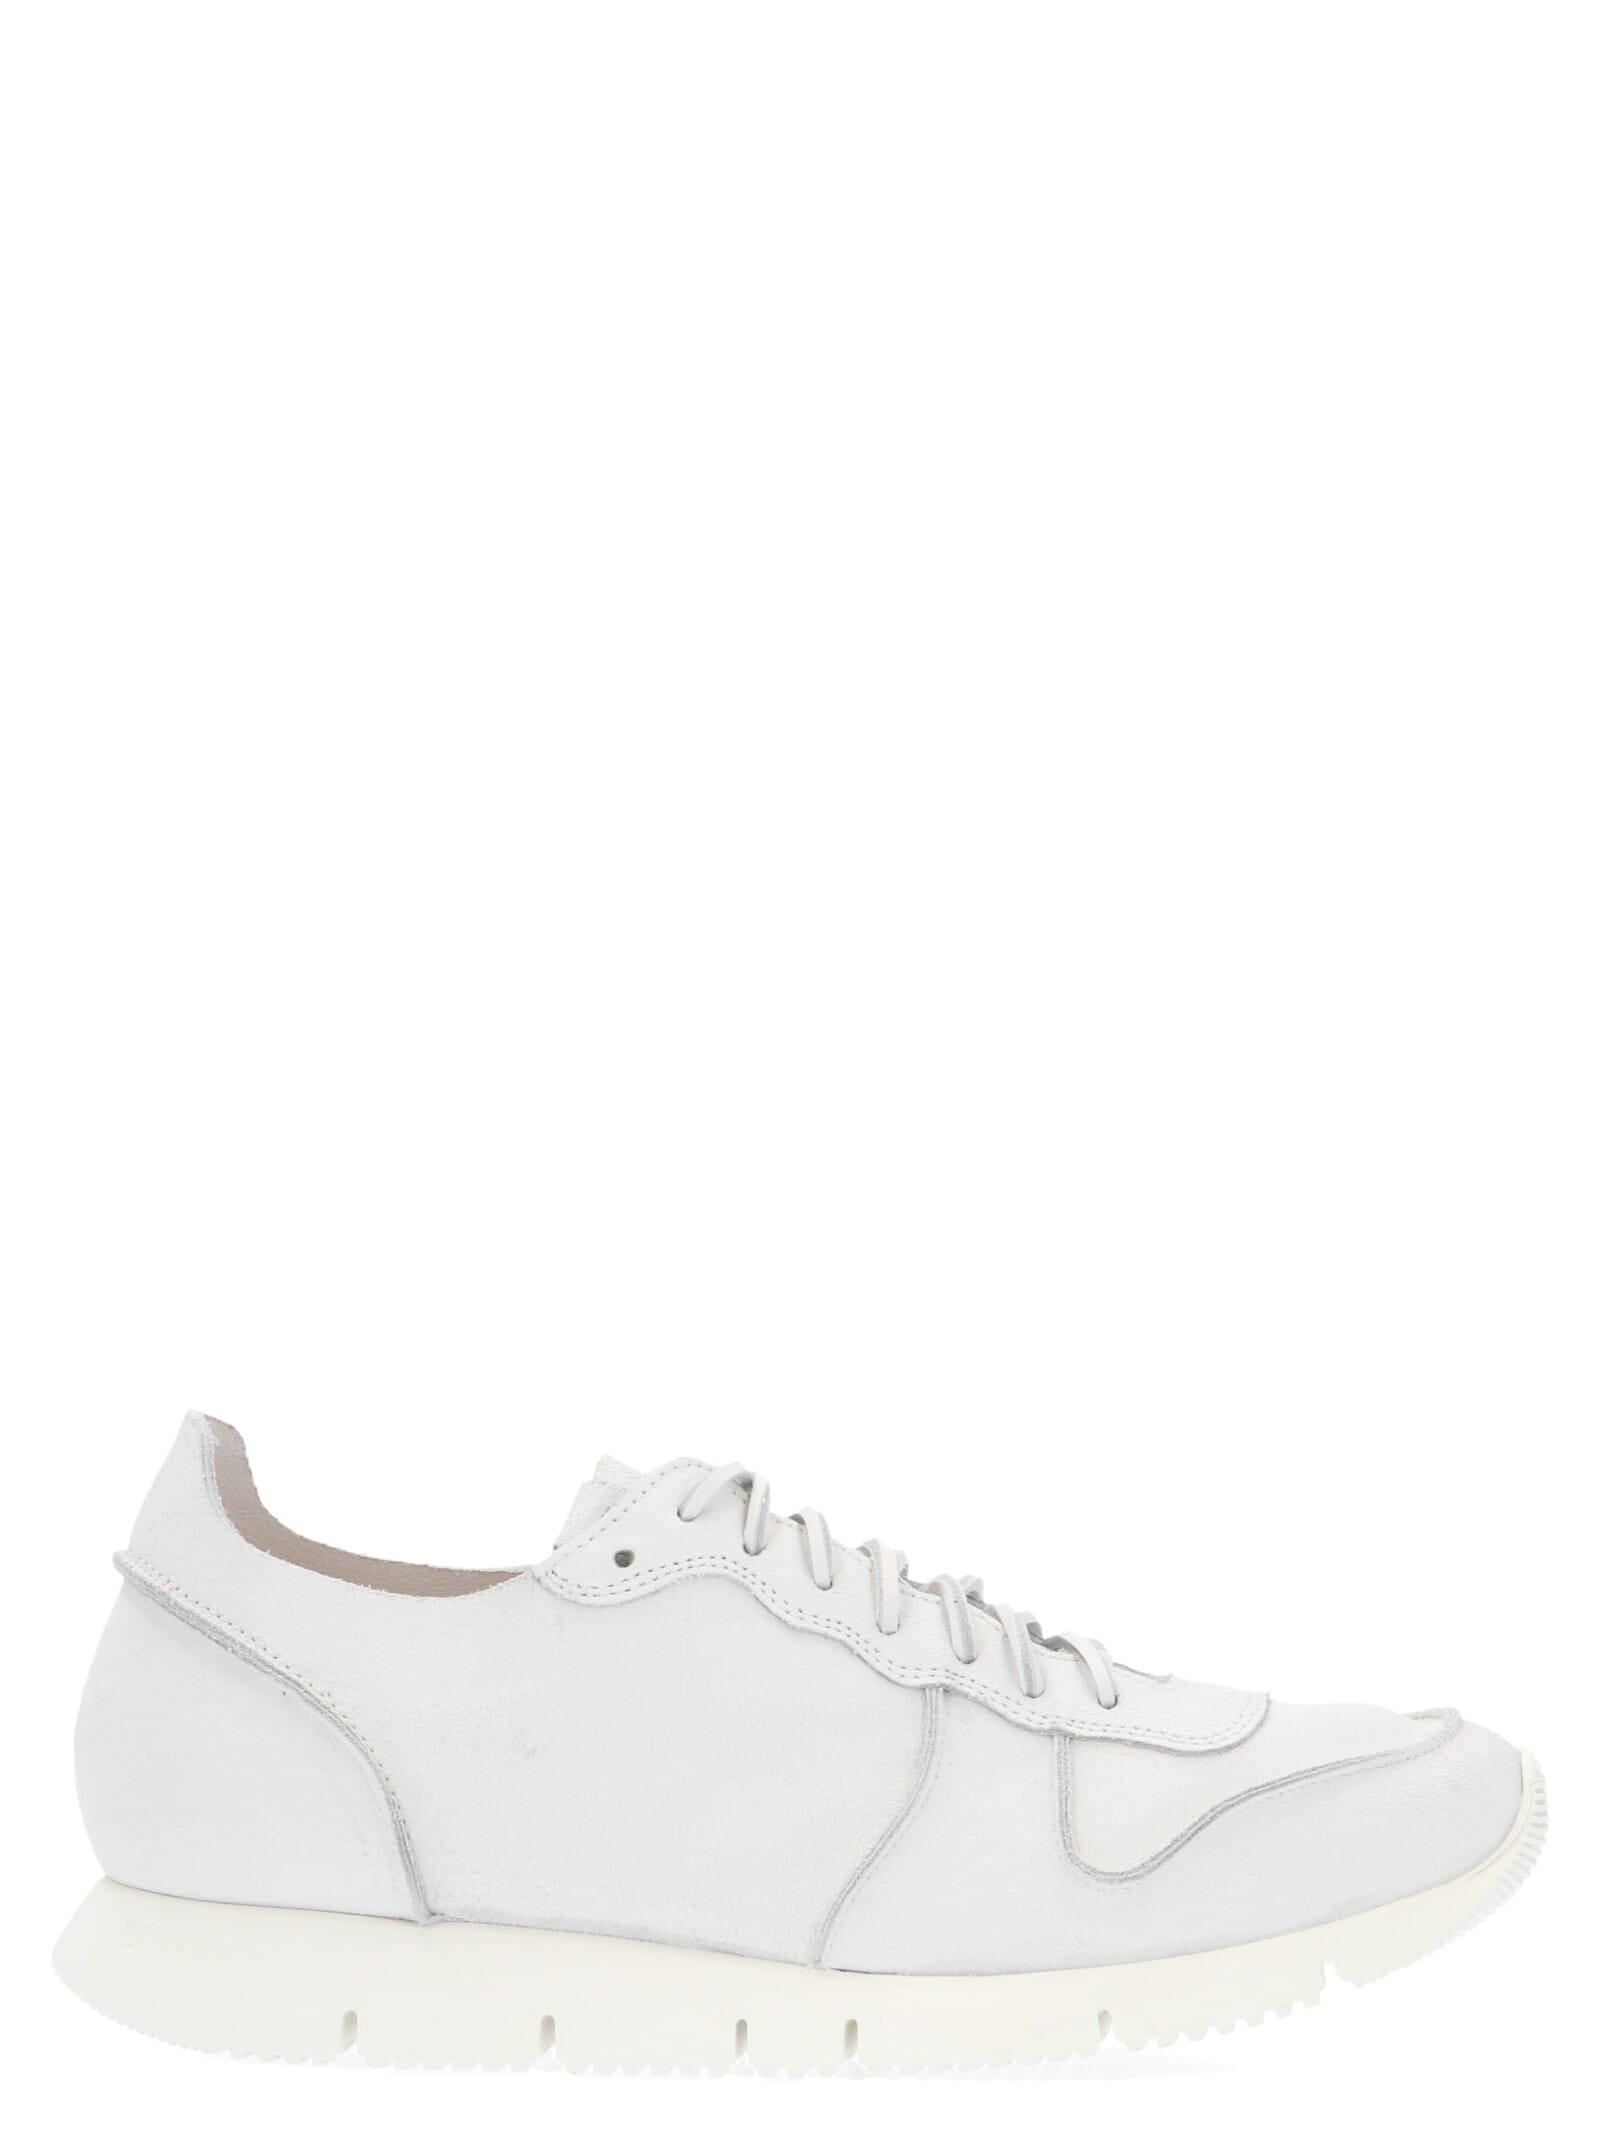 Buttero carrera Shoes